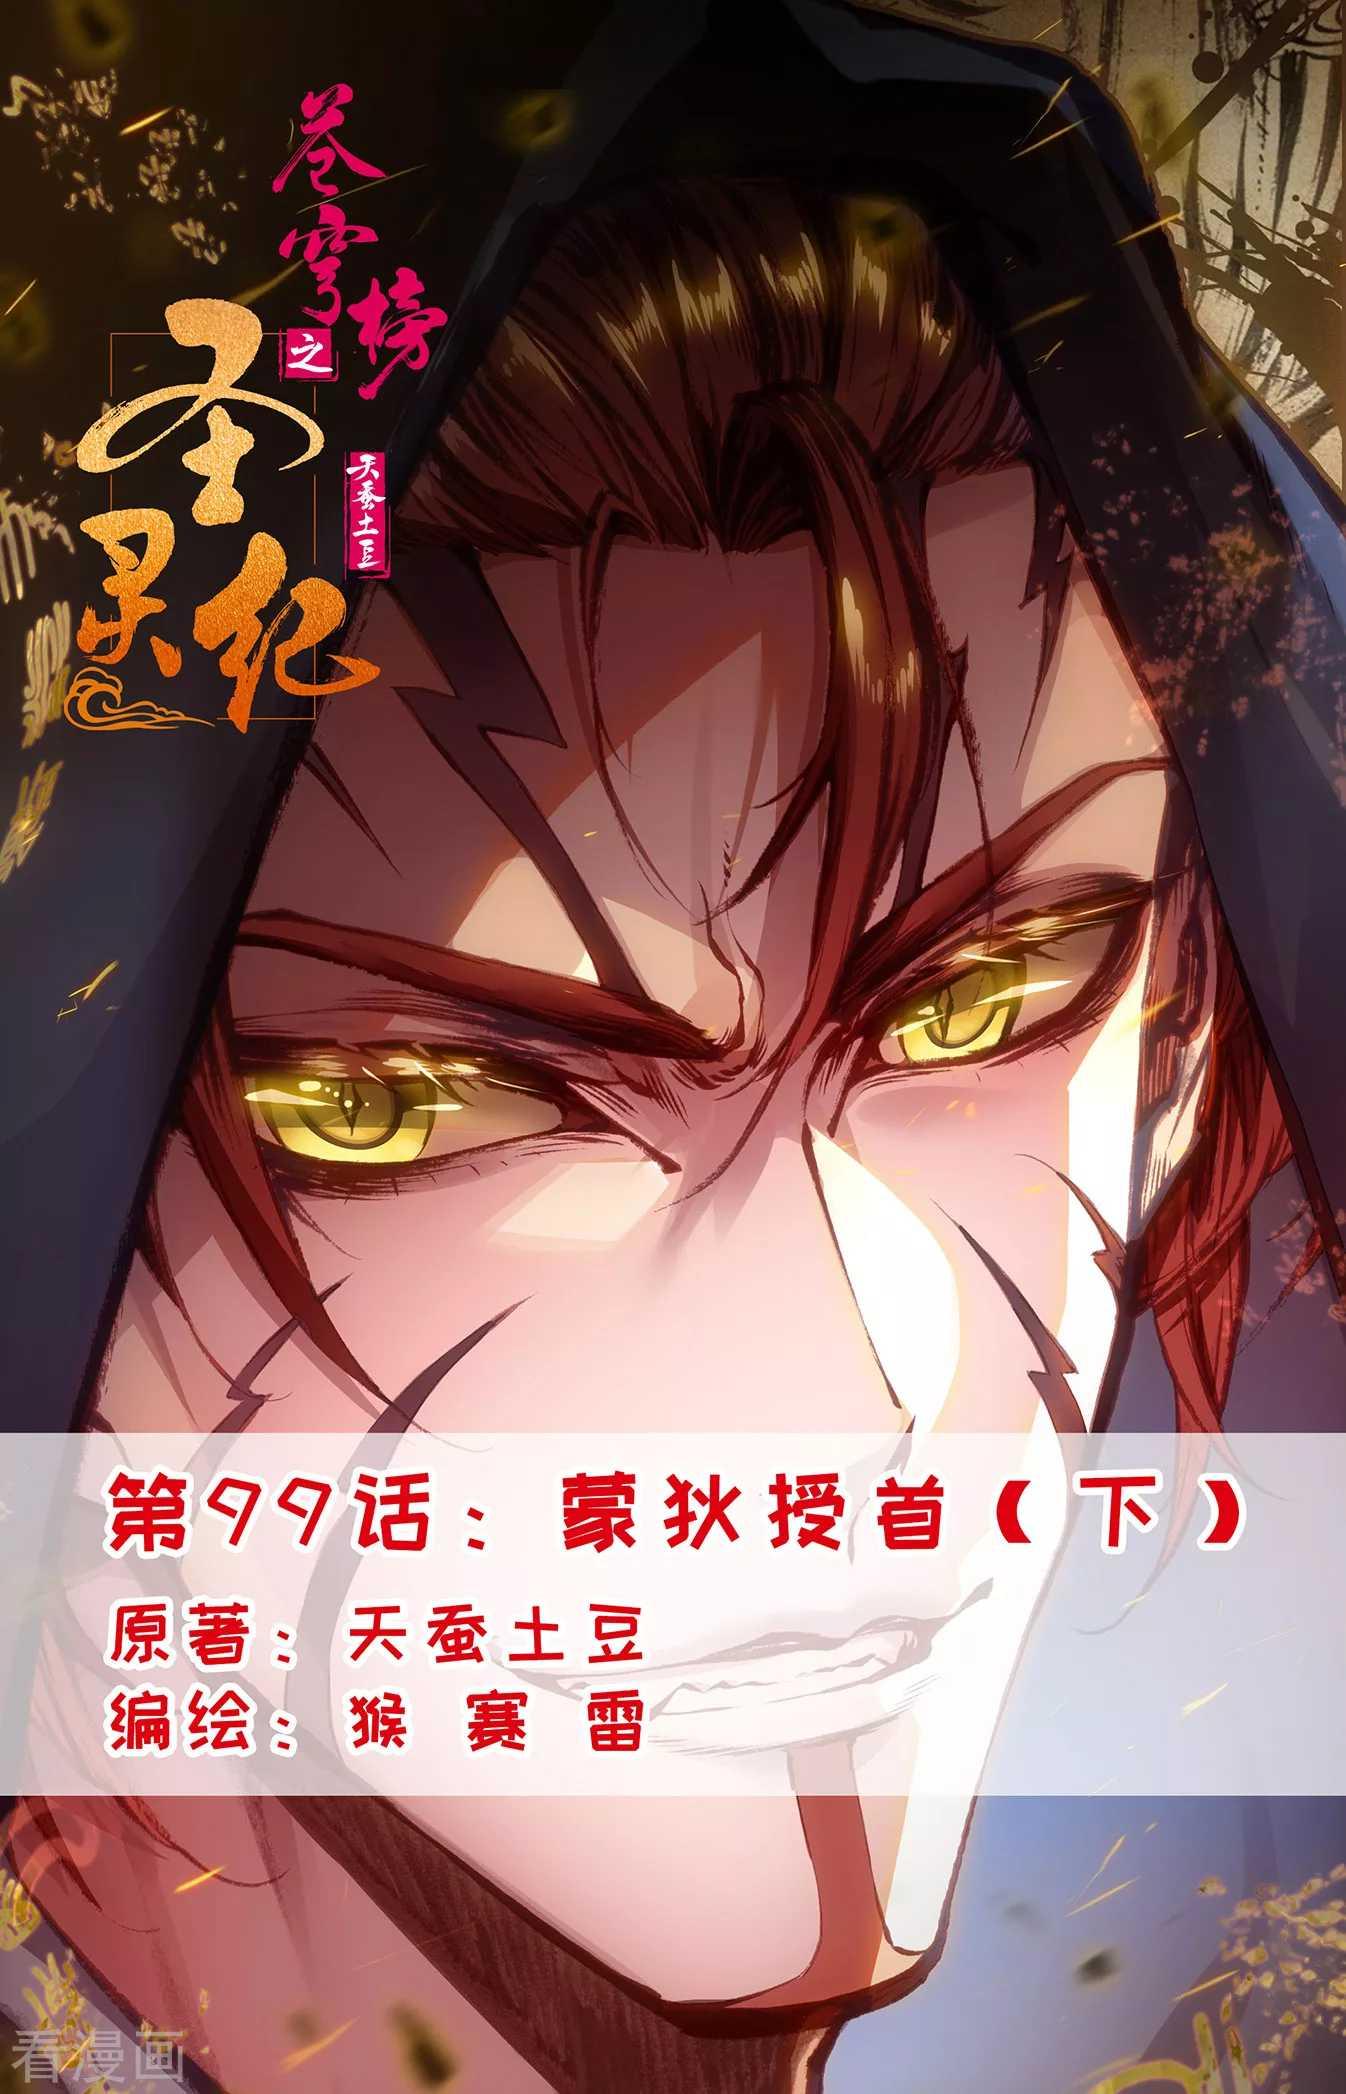 【漫画更新】《苍穹榜之圣灵纪》99话下~100话上-小柚妹站